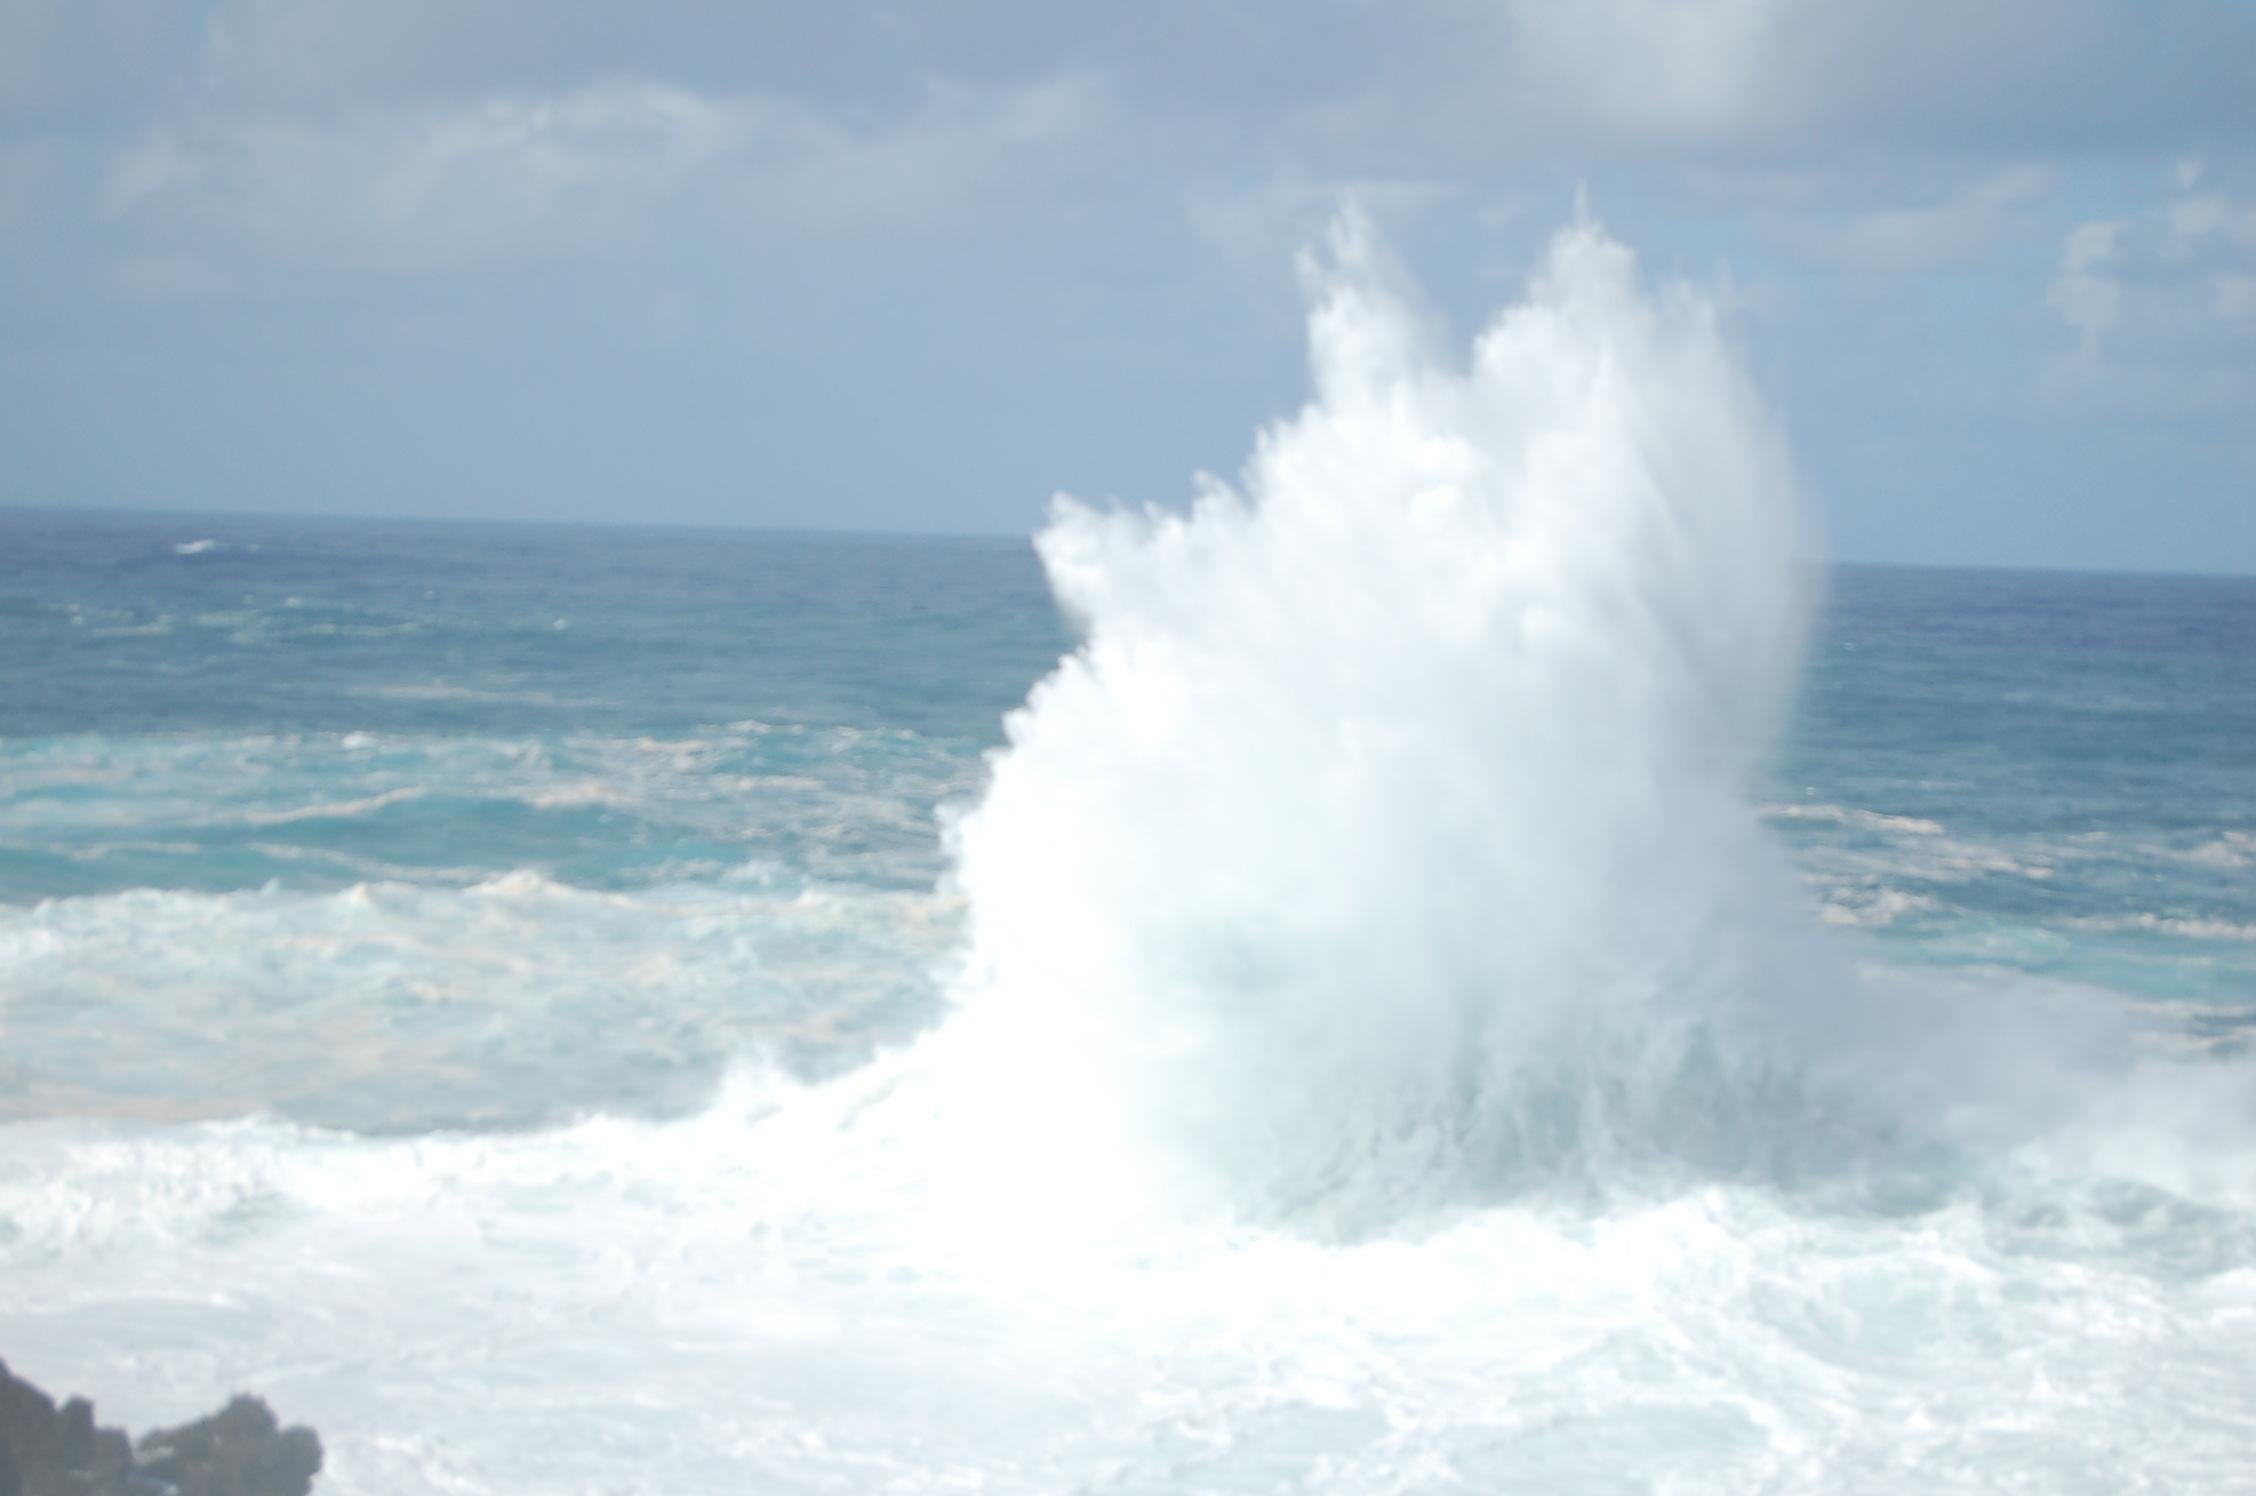 freude-am-sein-Annette Frauendorf-Retreat-Visionen finden-Madeira